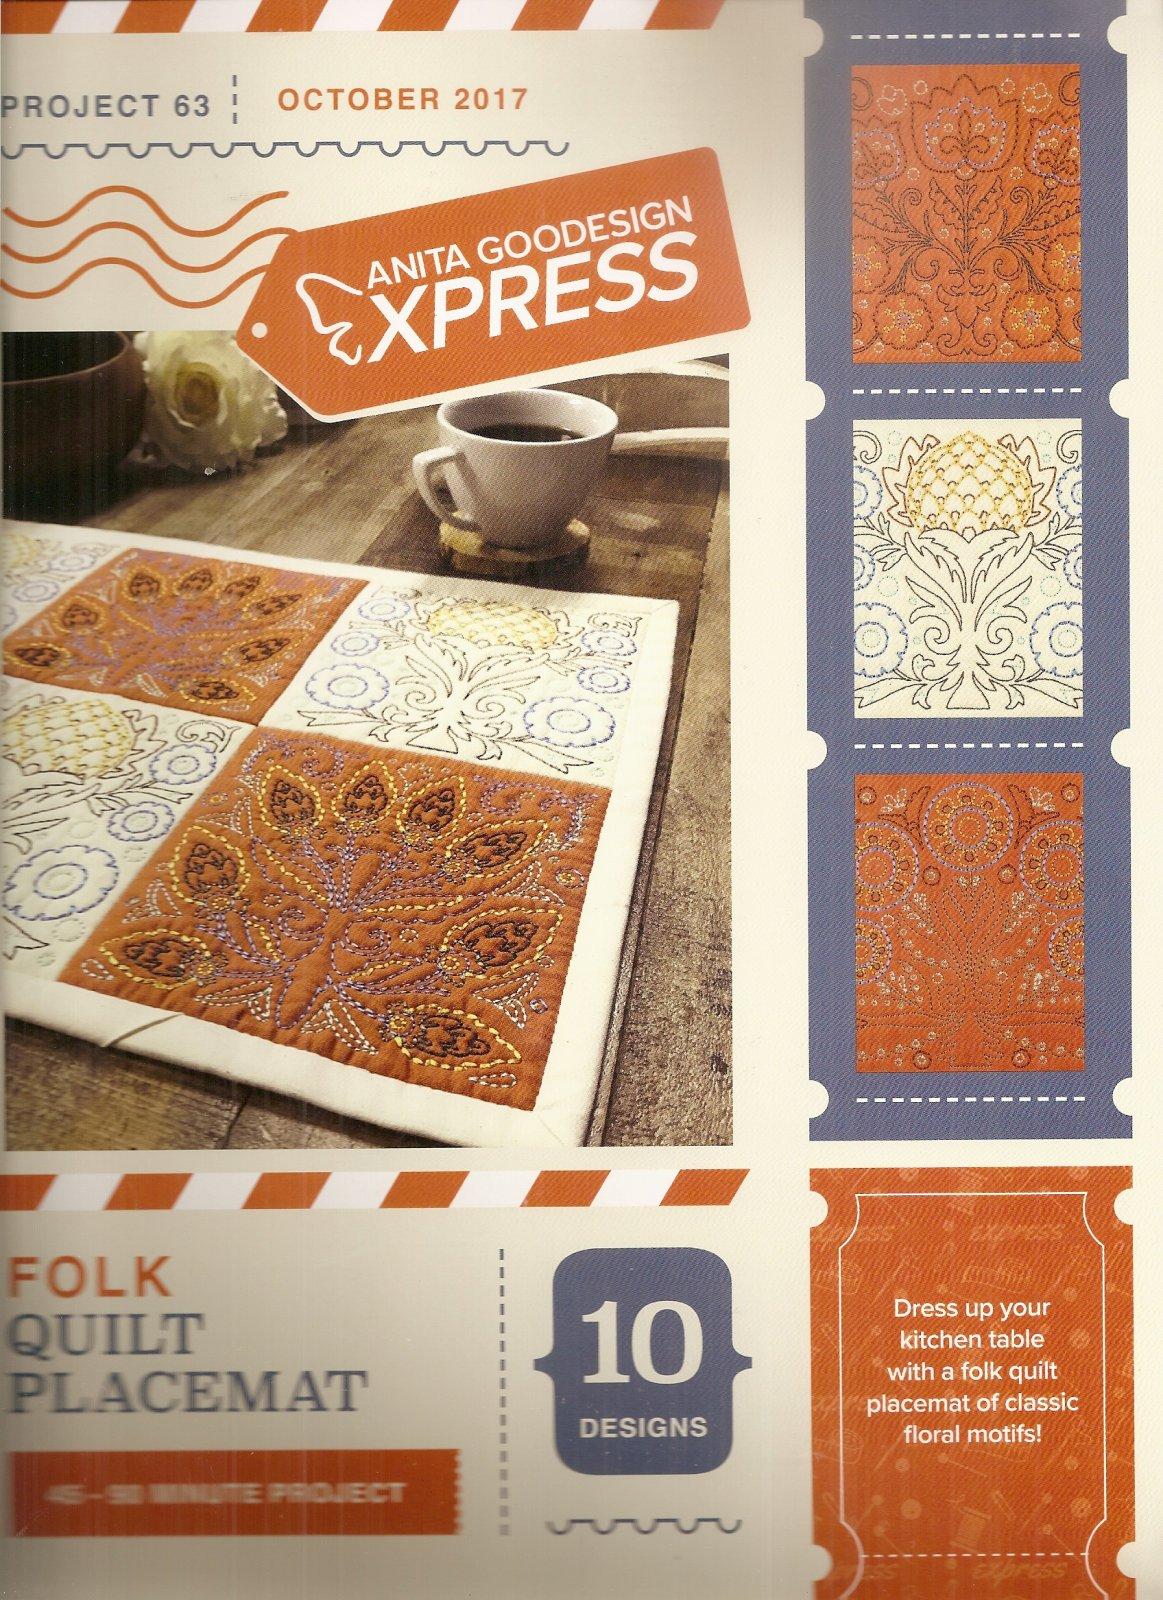 Anita Goodesign Express Folk Quilt Placemat